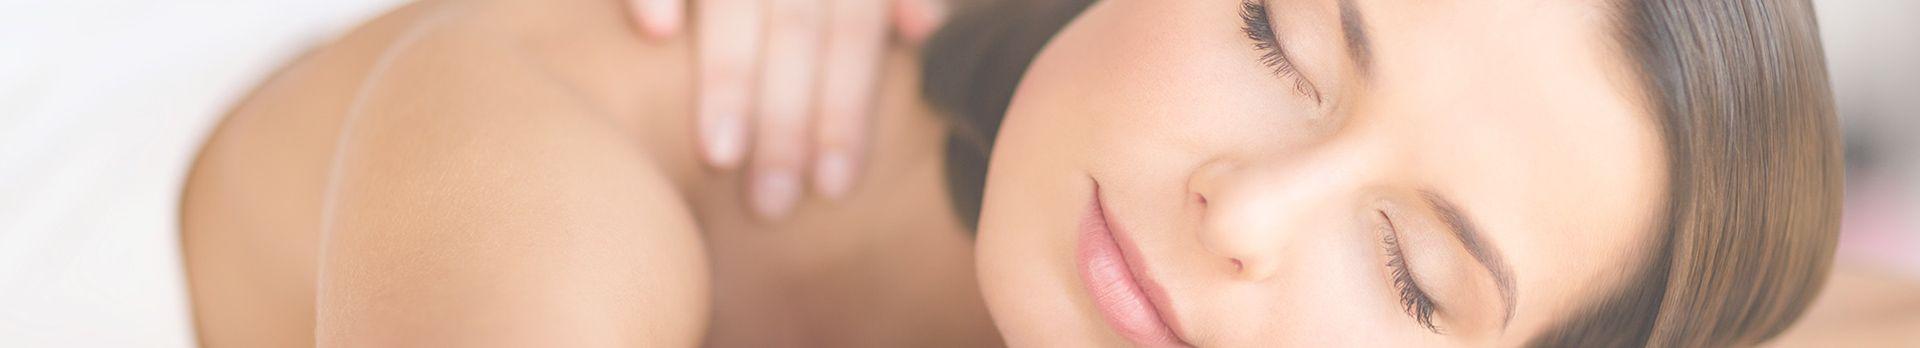 kobieta podczas masażu